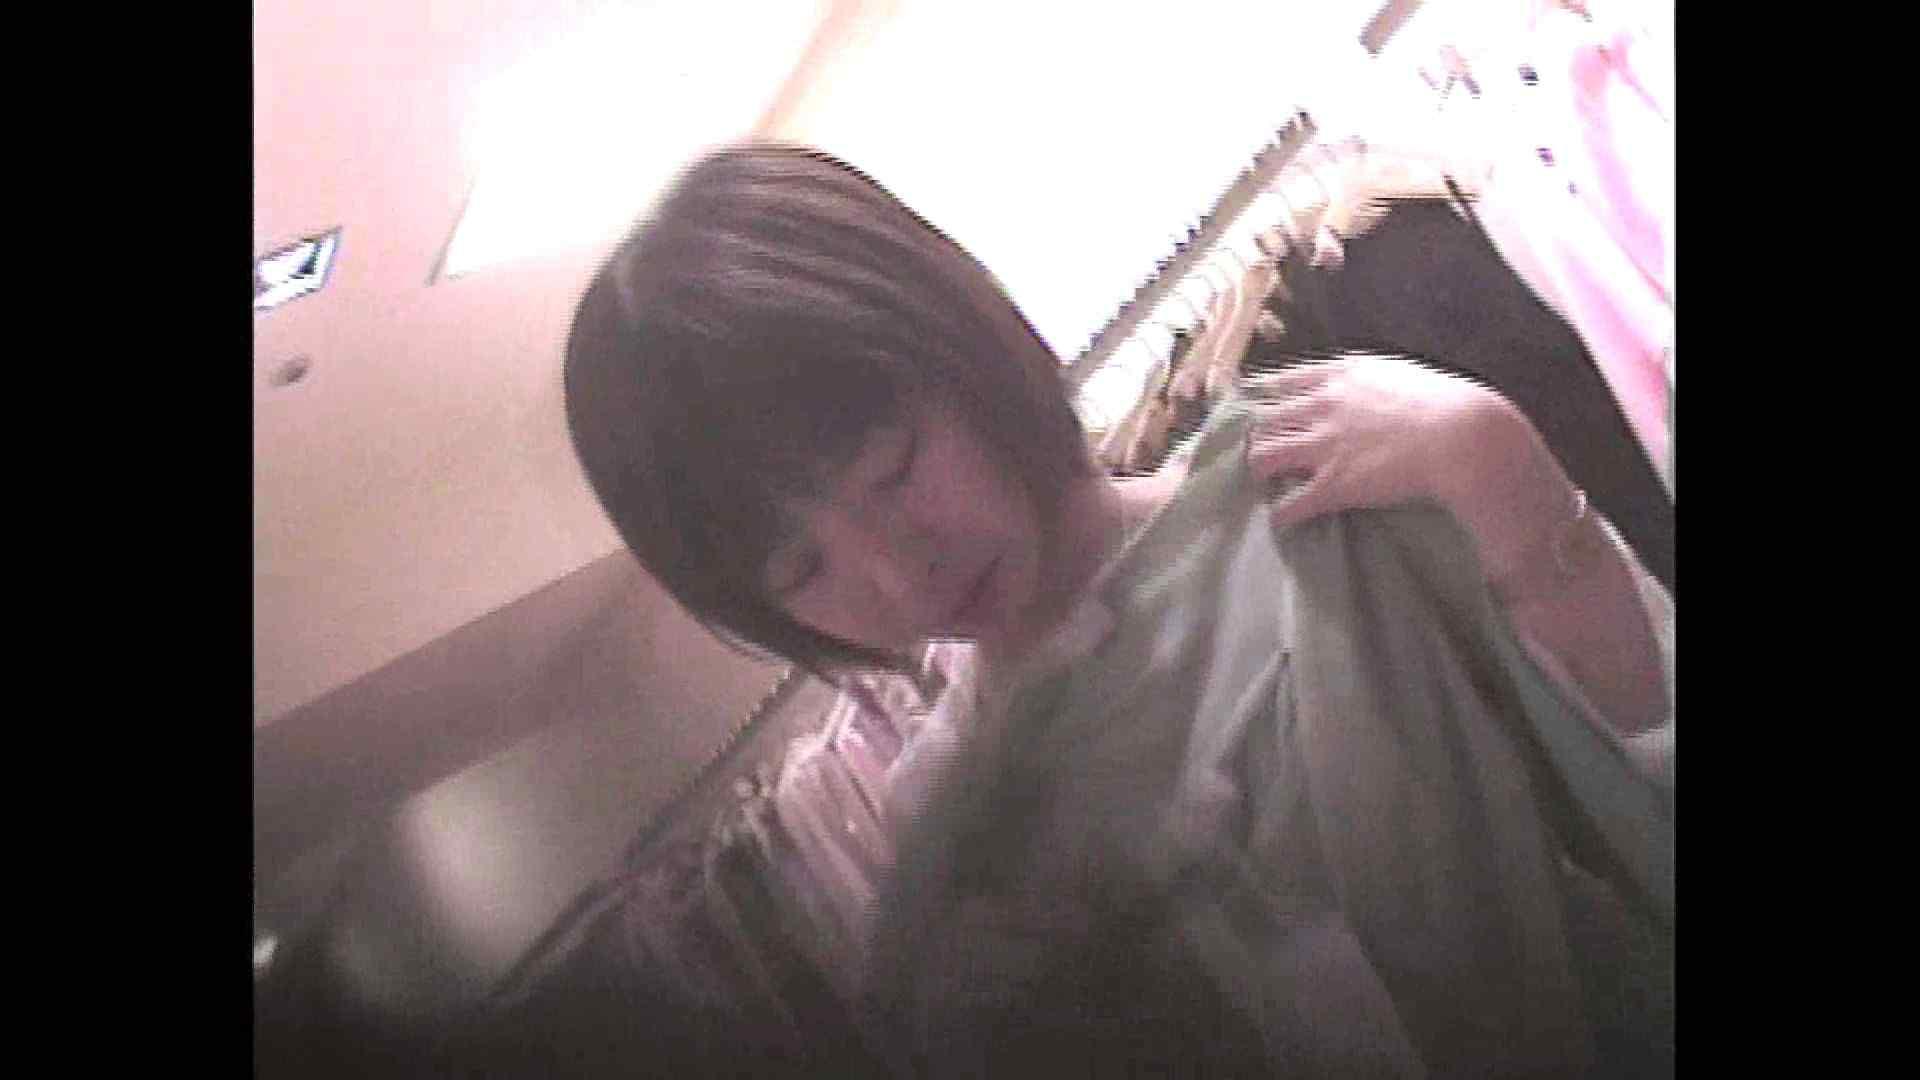 働く美女の谷間参拝 Vol.07 コスチューム AV動画キャプチャ 91連発 29